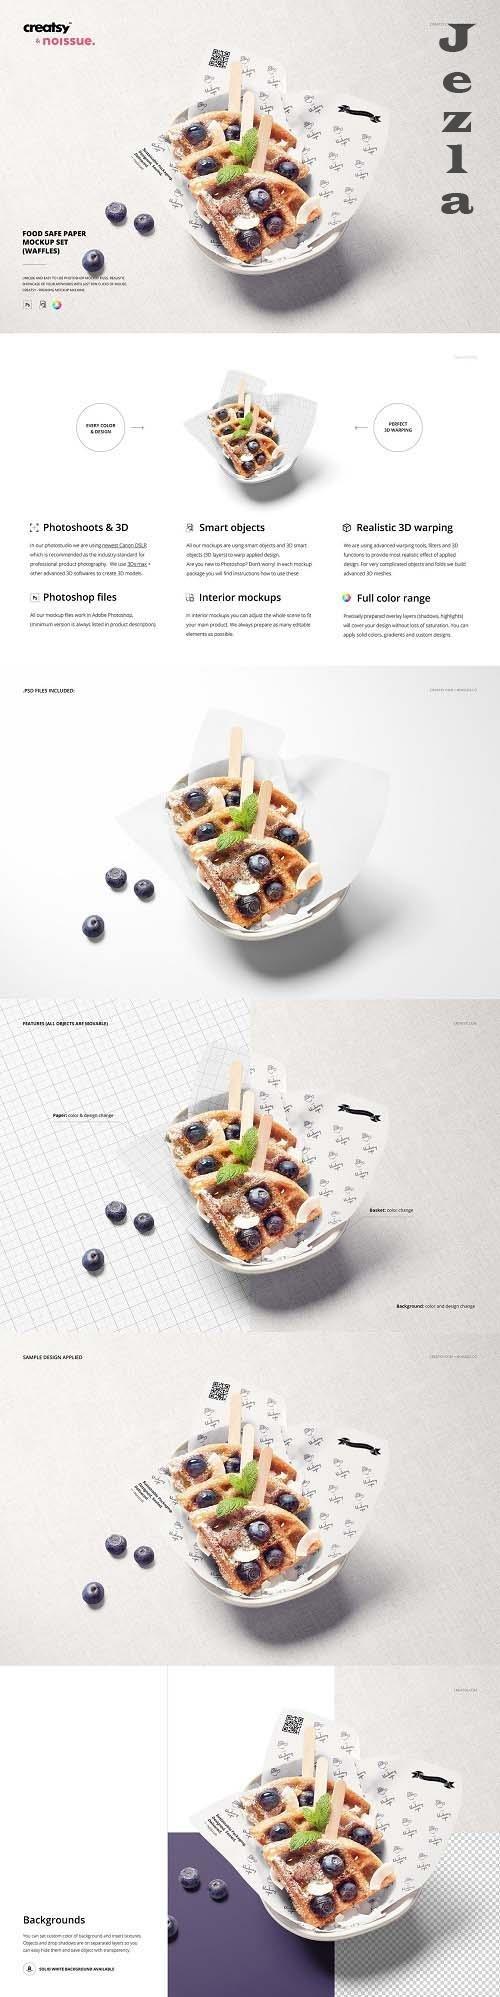 Food Safe Paper Mockup (waffles) - 6401322